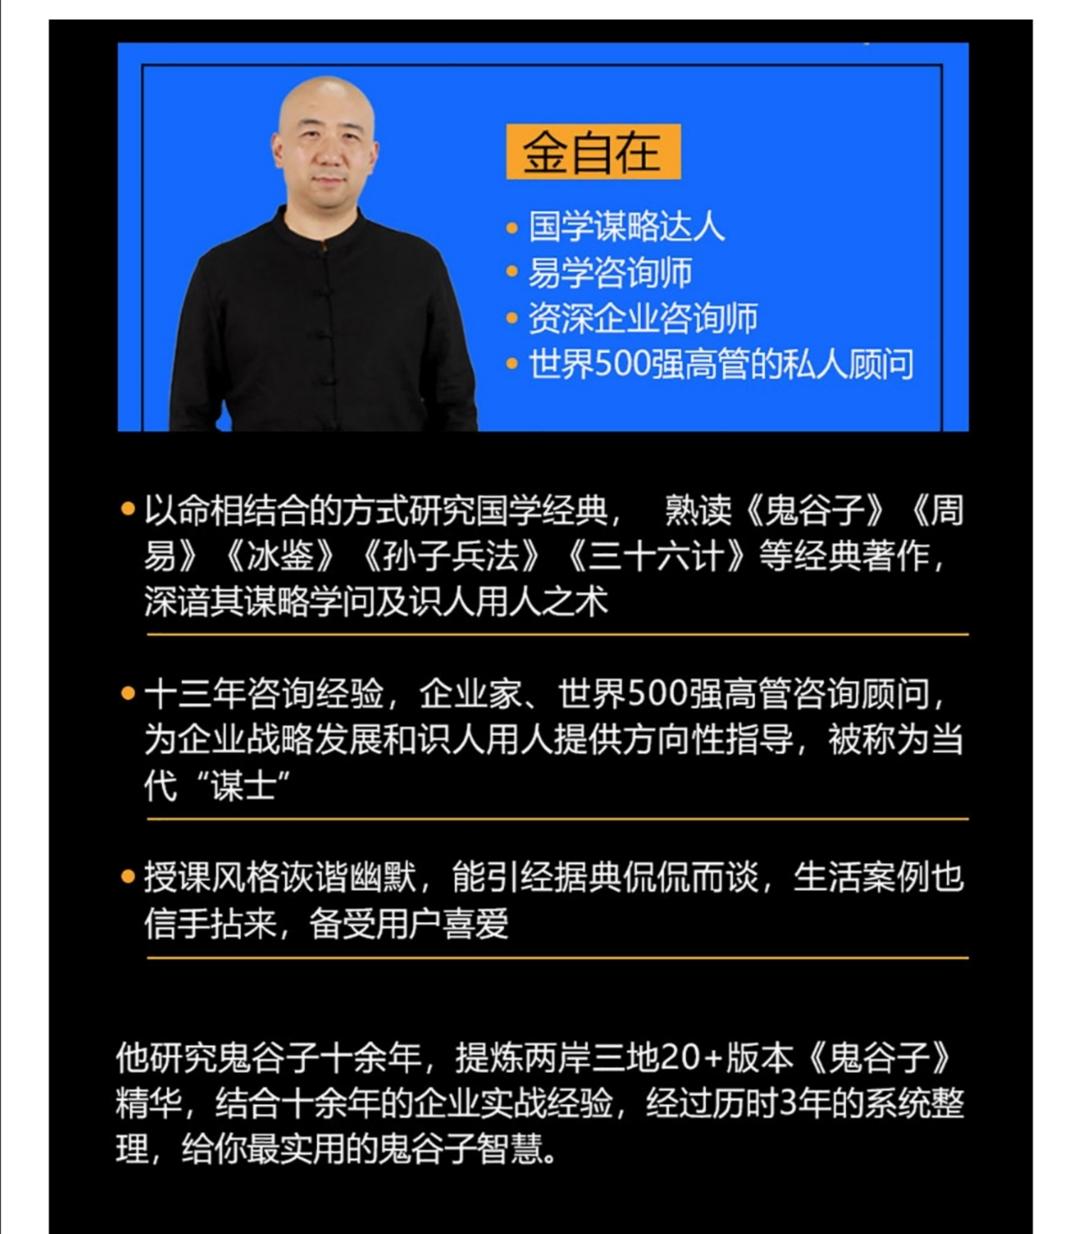 微信图片_20200814100301.jpg